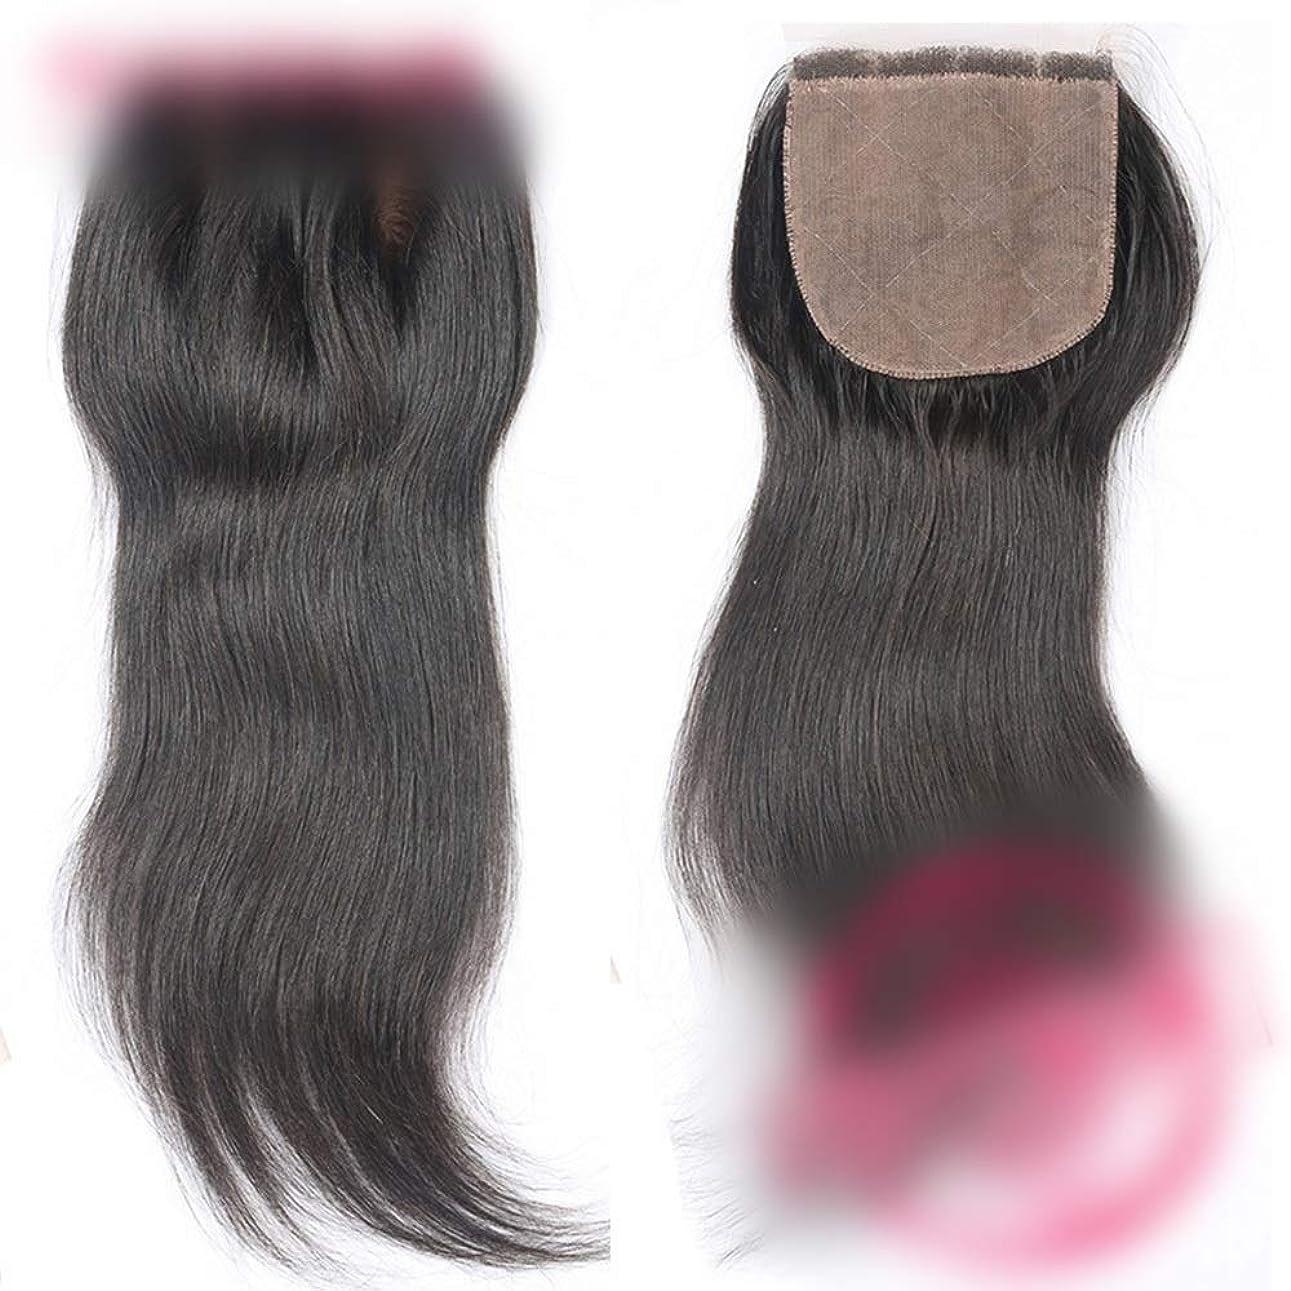 電気陽性投げる不安定なYrattary ストレート人間の髪の毛の閉鎖ブラジルのリアルヘアフリーパート4 * 4レースの閉鎖ヘアエクステンションナチュラルカラー複合ヘアレースかつらロールプレイングかつら (色 : 黒, サイズ : 20 inch)